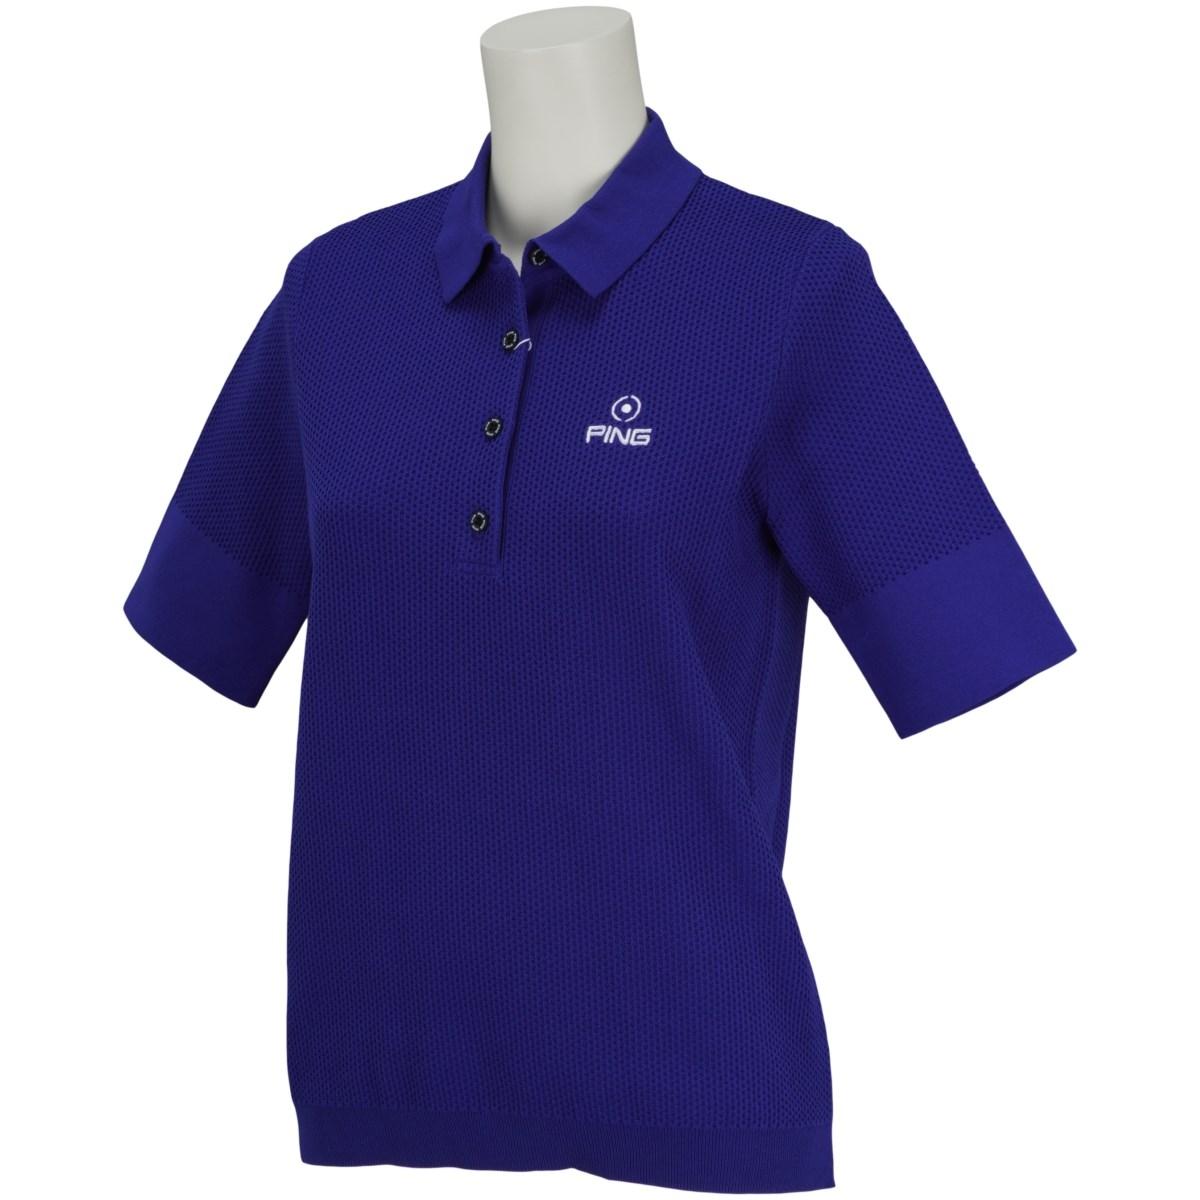 ピン PING ニット5分袖ポロシャツ M ブルー 110 レディス